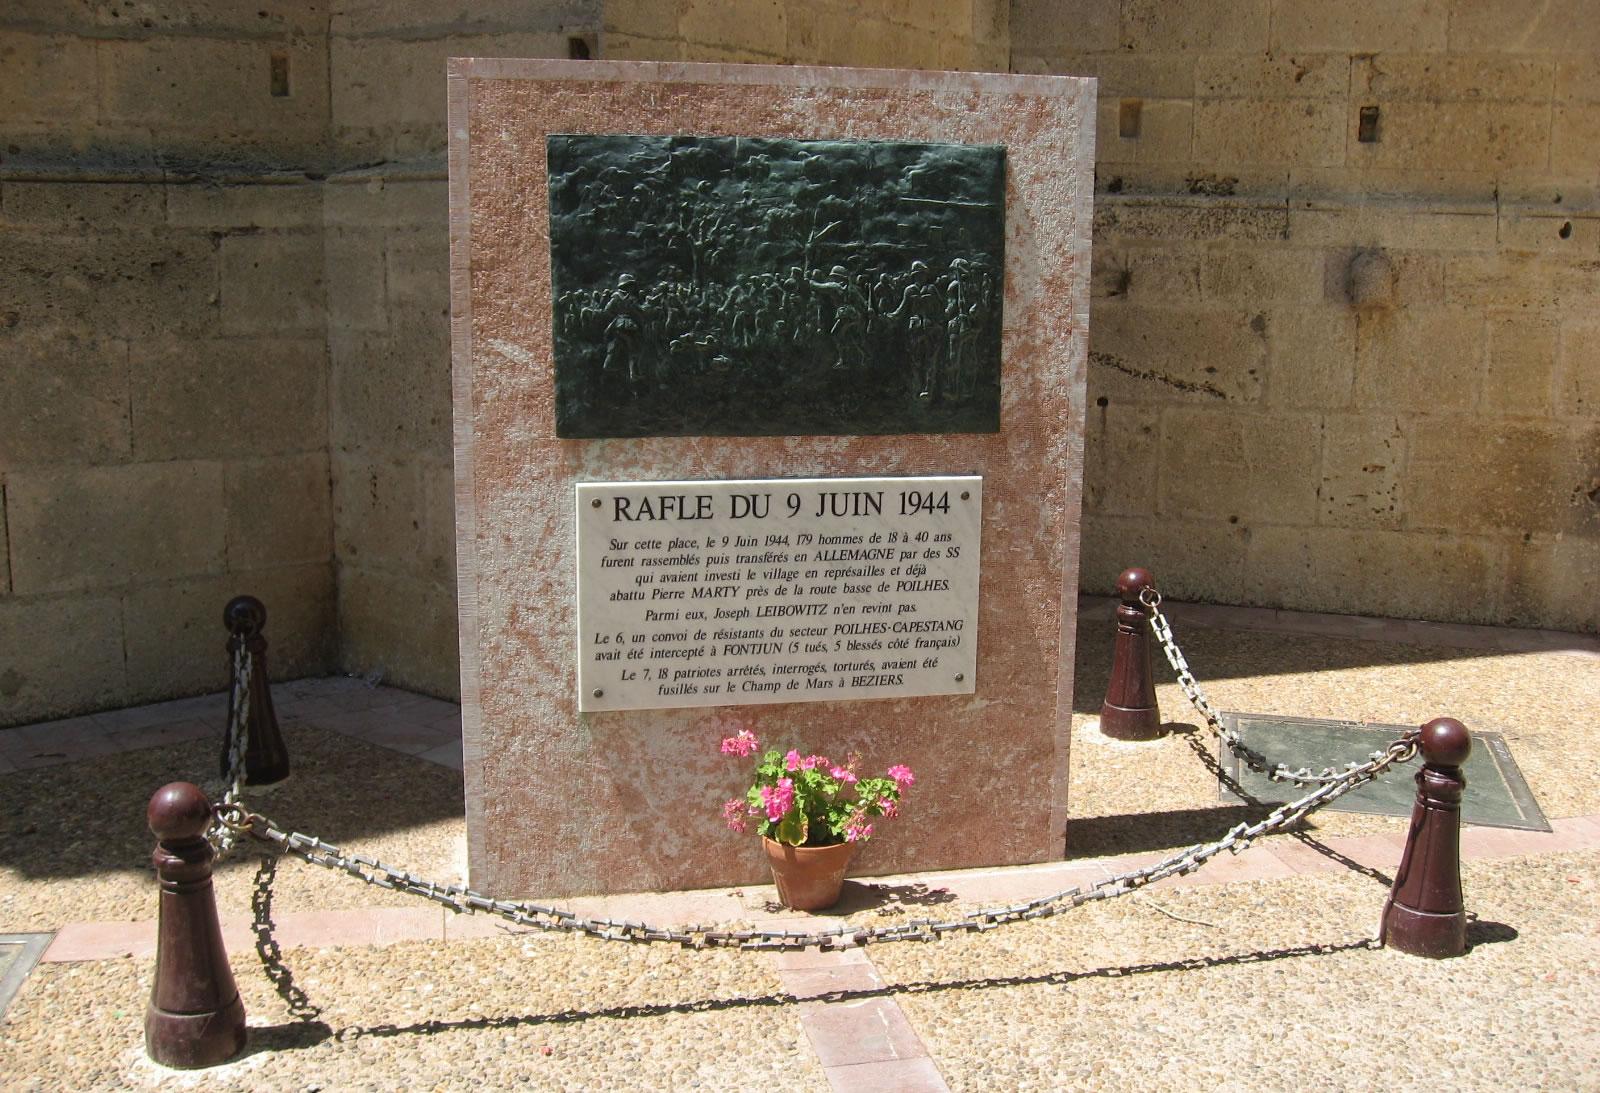 Ein französisches Denkmal in gedenken an die gefallenen Soldaten und Menschen im zweiten Weltkrieg in Frankreich.